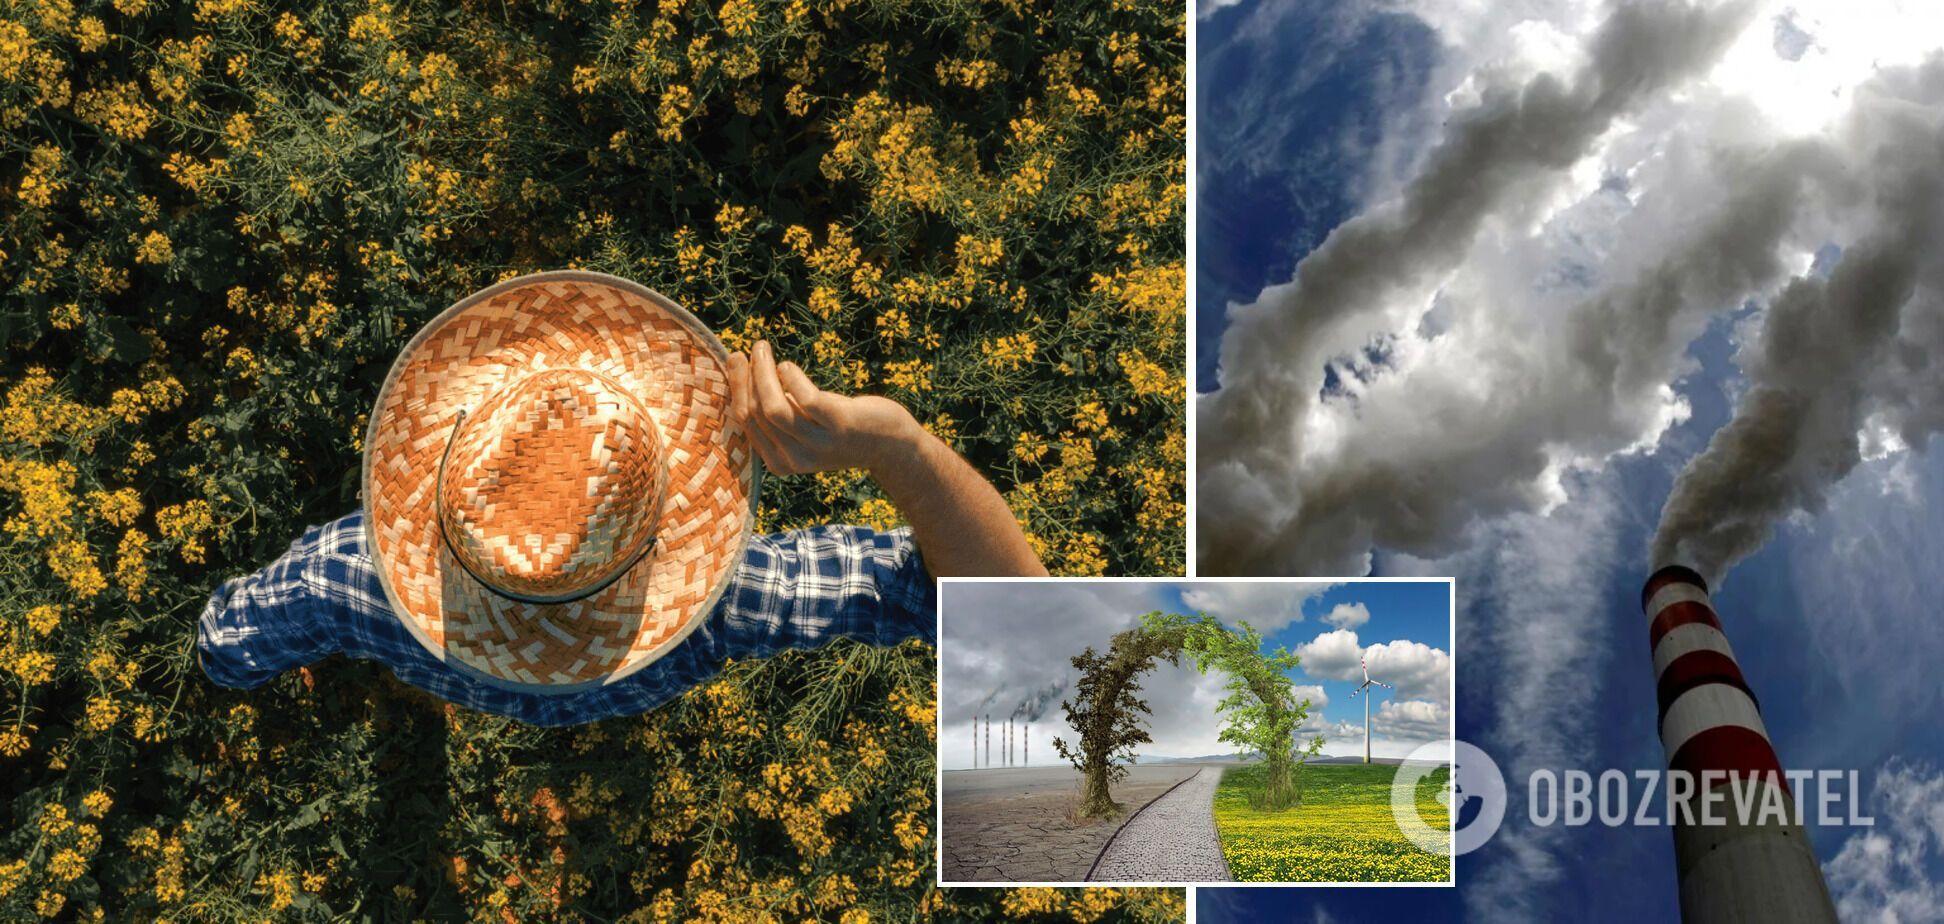 Вчені назвали незворотними зміни клімату й подальші численні екстремальні погодні явища